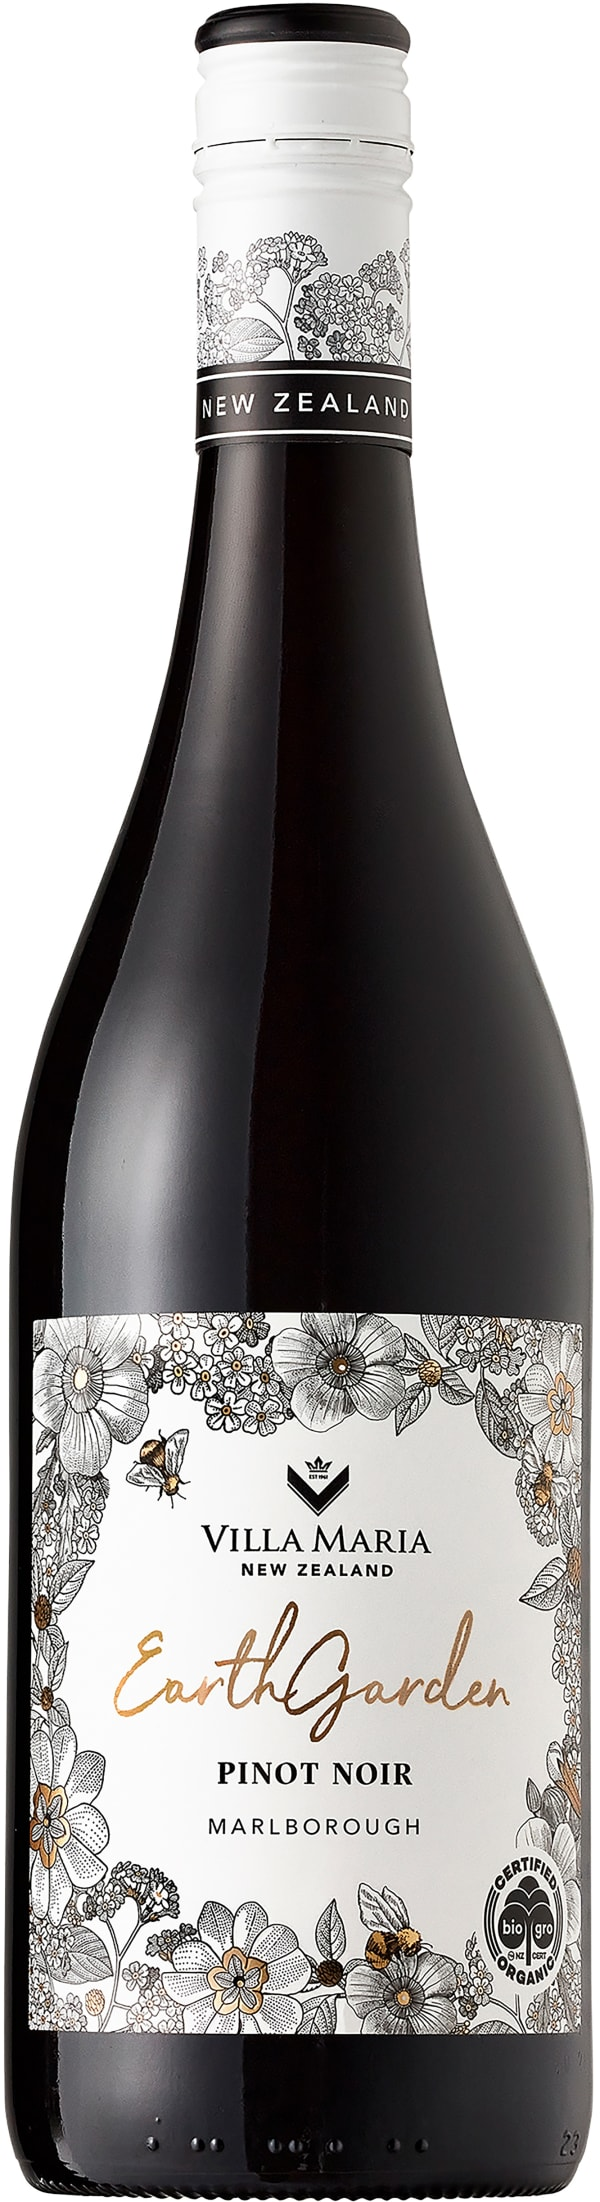 Villa Maria Cellar Selection Pinot Noir 2018